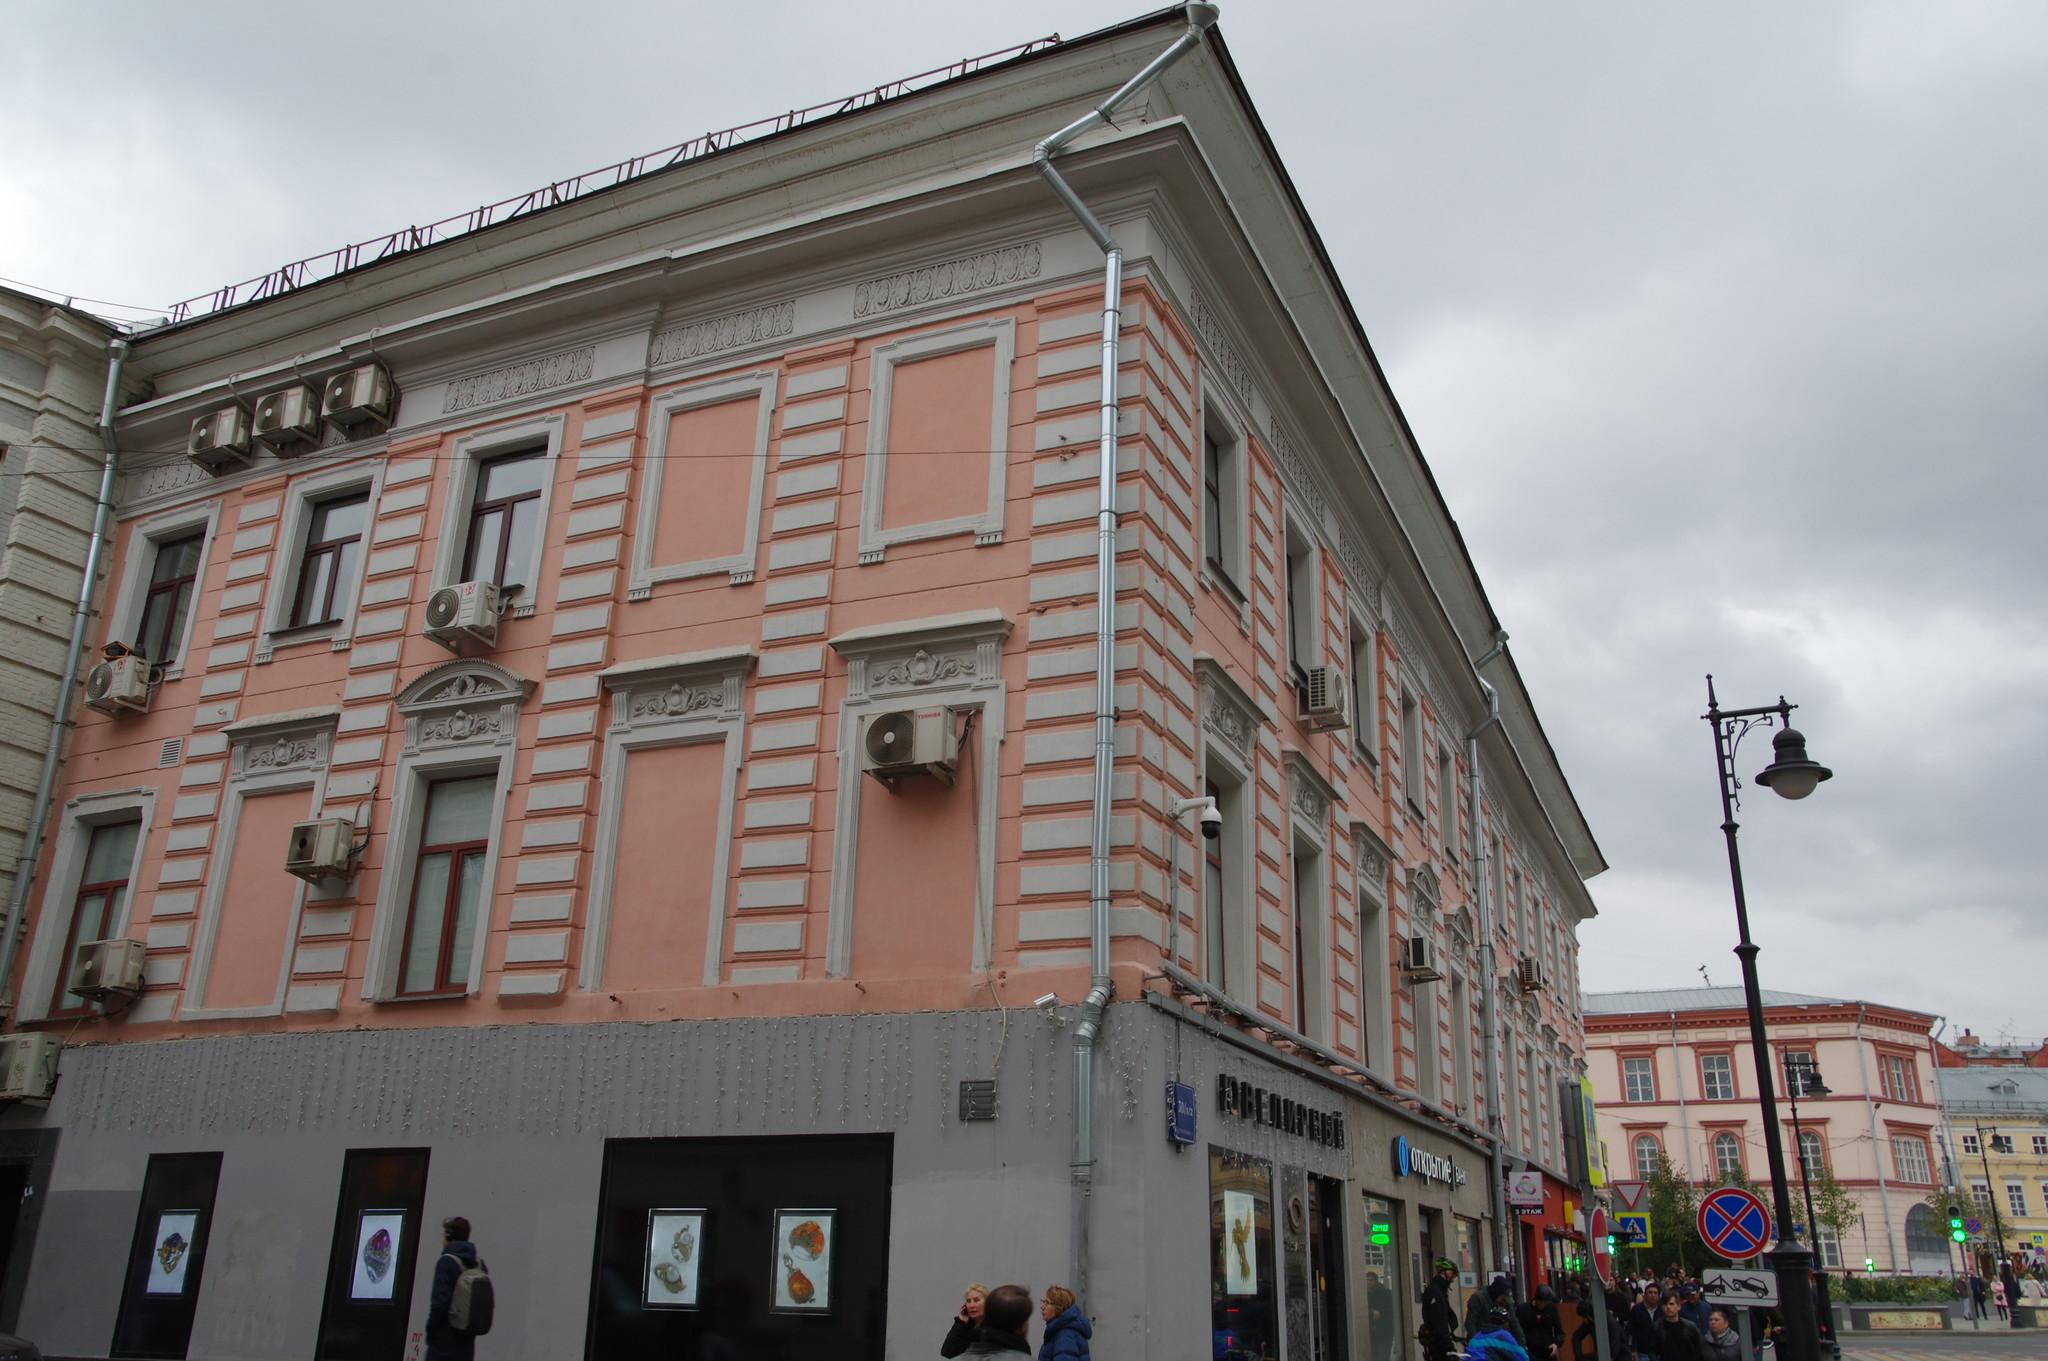 Дом купца Гусятникова (Чистопрудный бульвар, дом 1 строение 1)